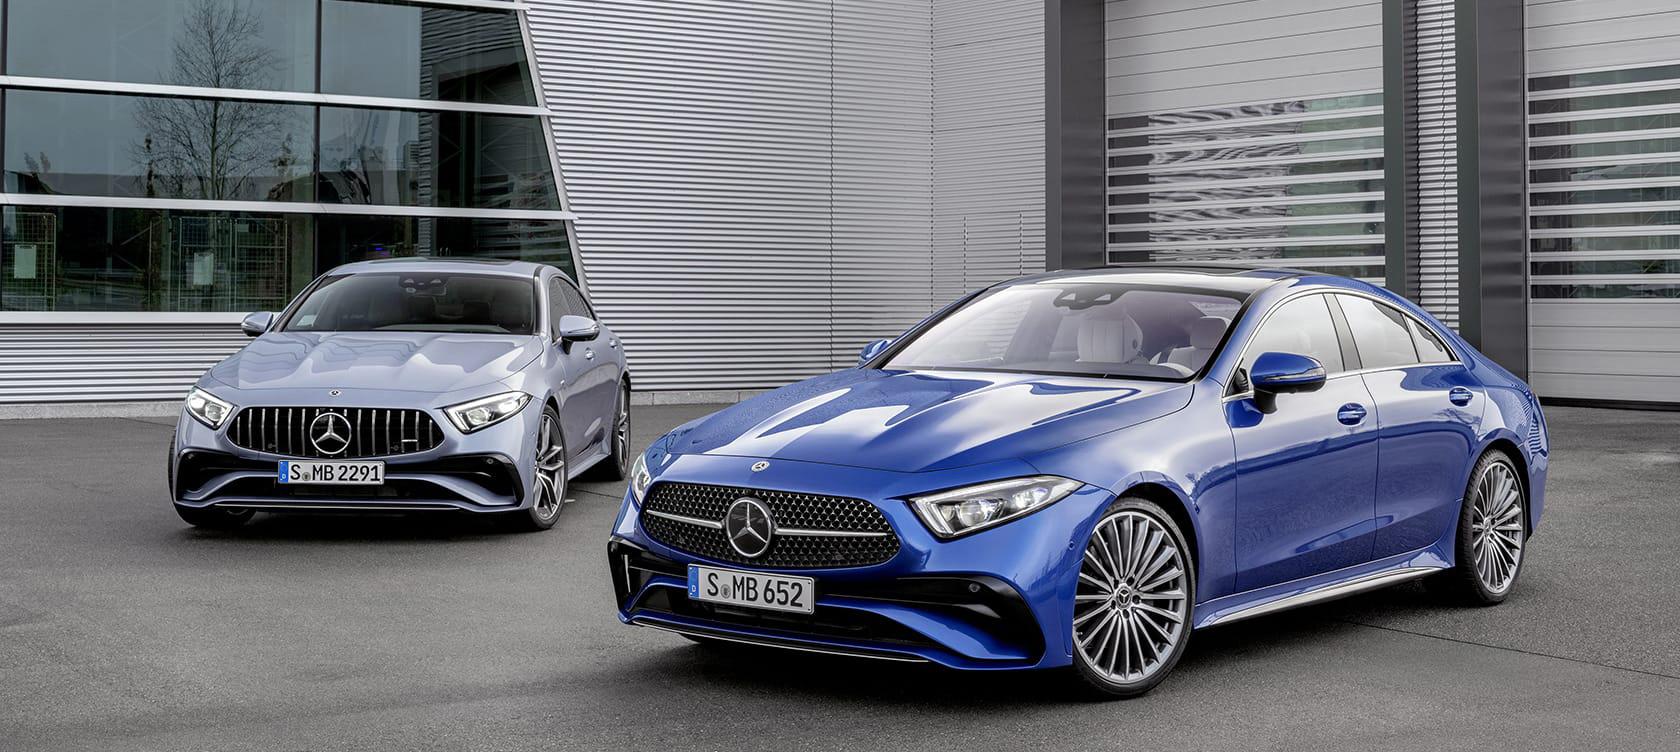 Mercedes-Benz CLS Coupe 2021 - ще більш спортивний і унікальний